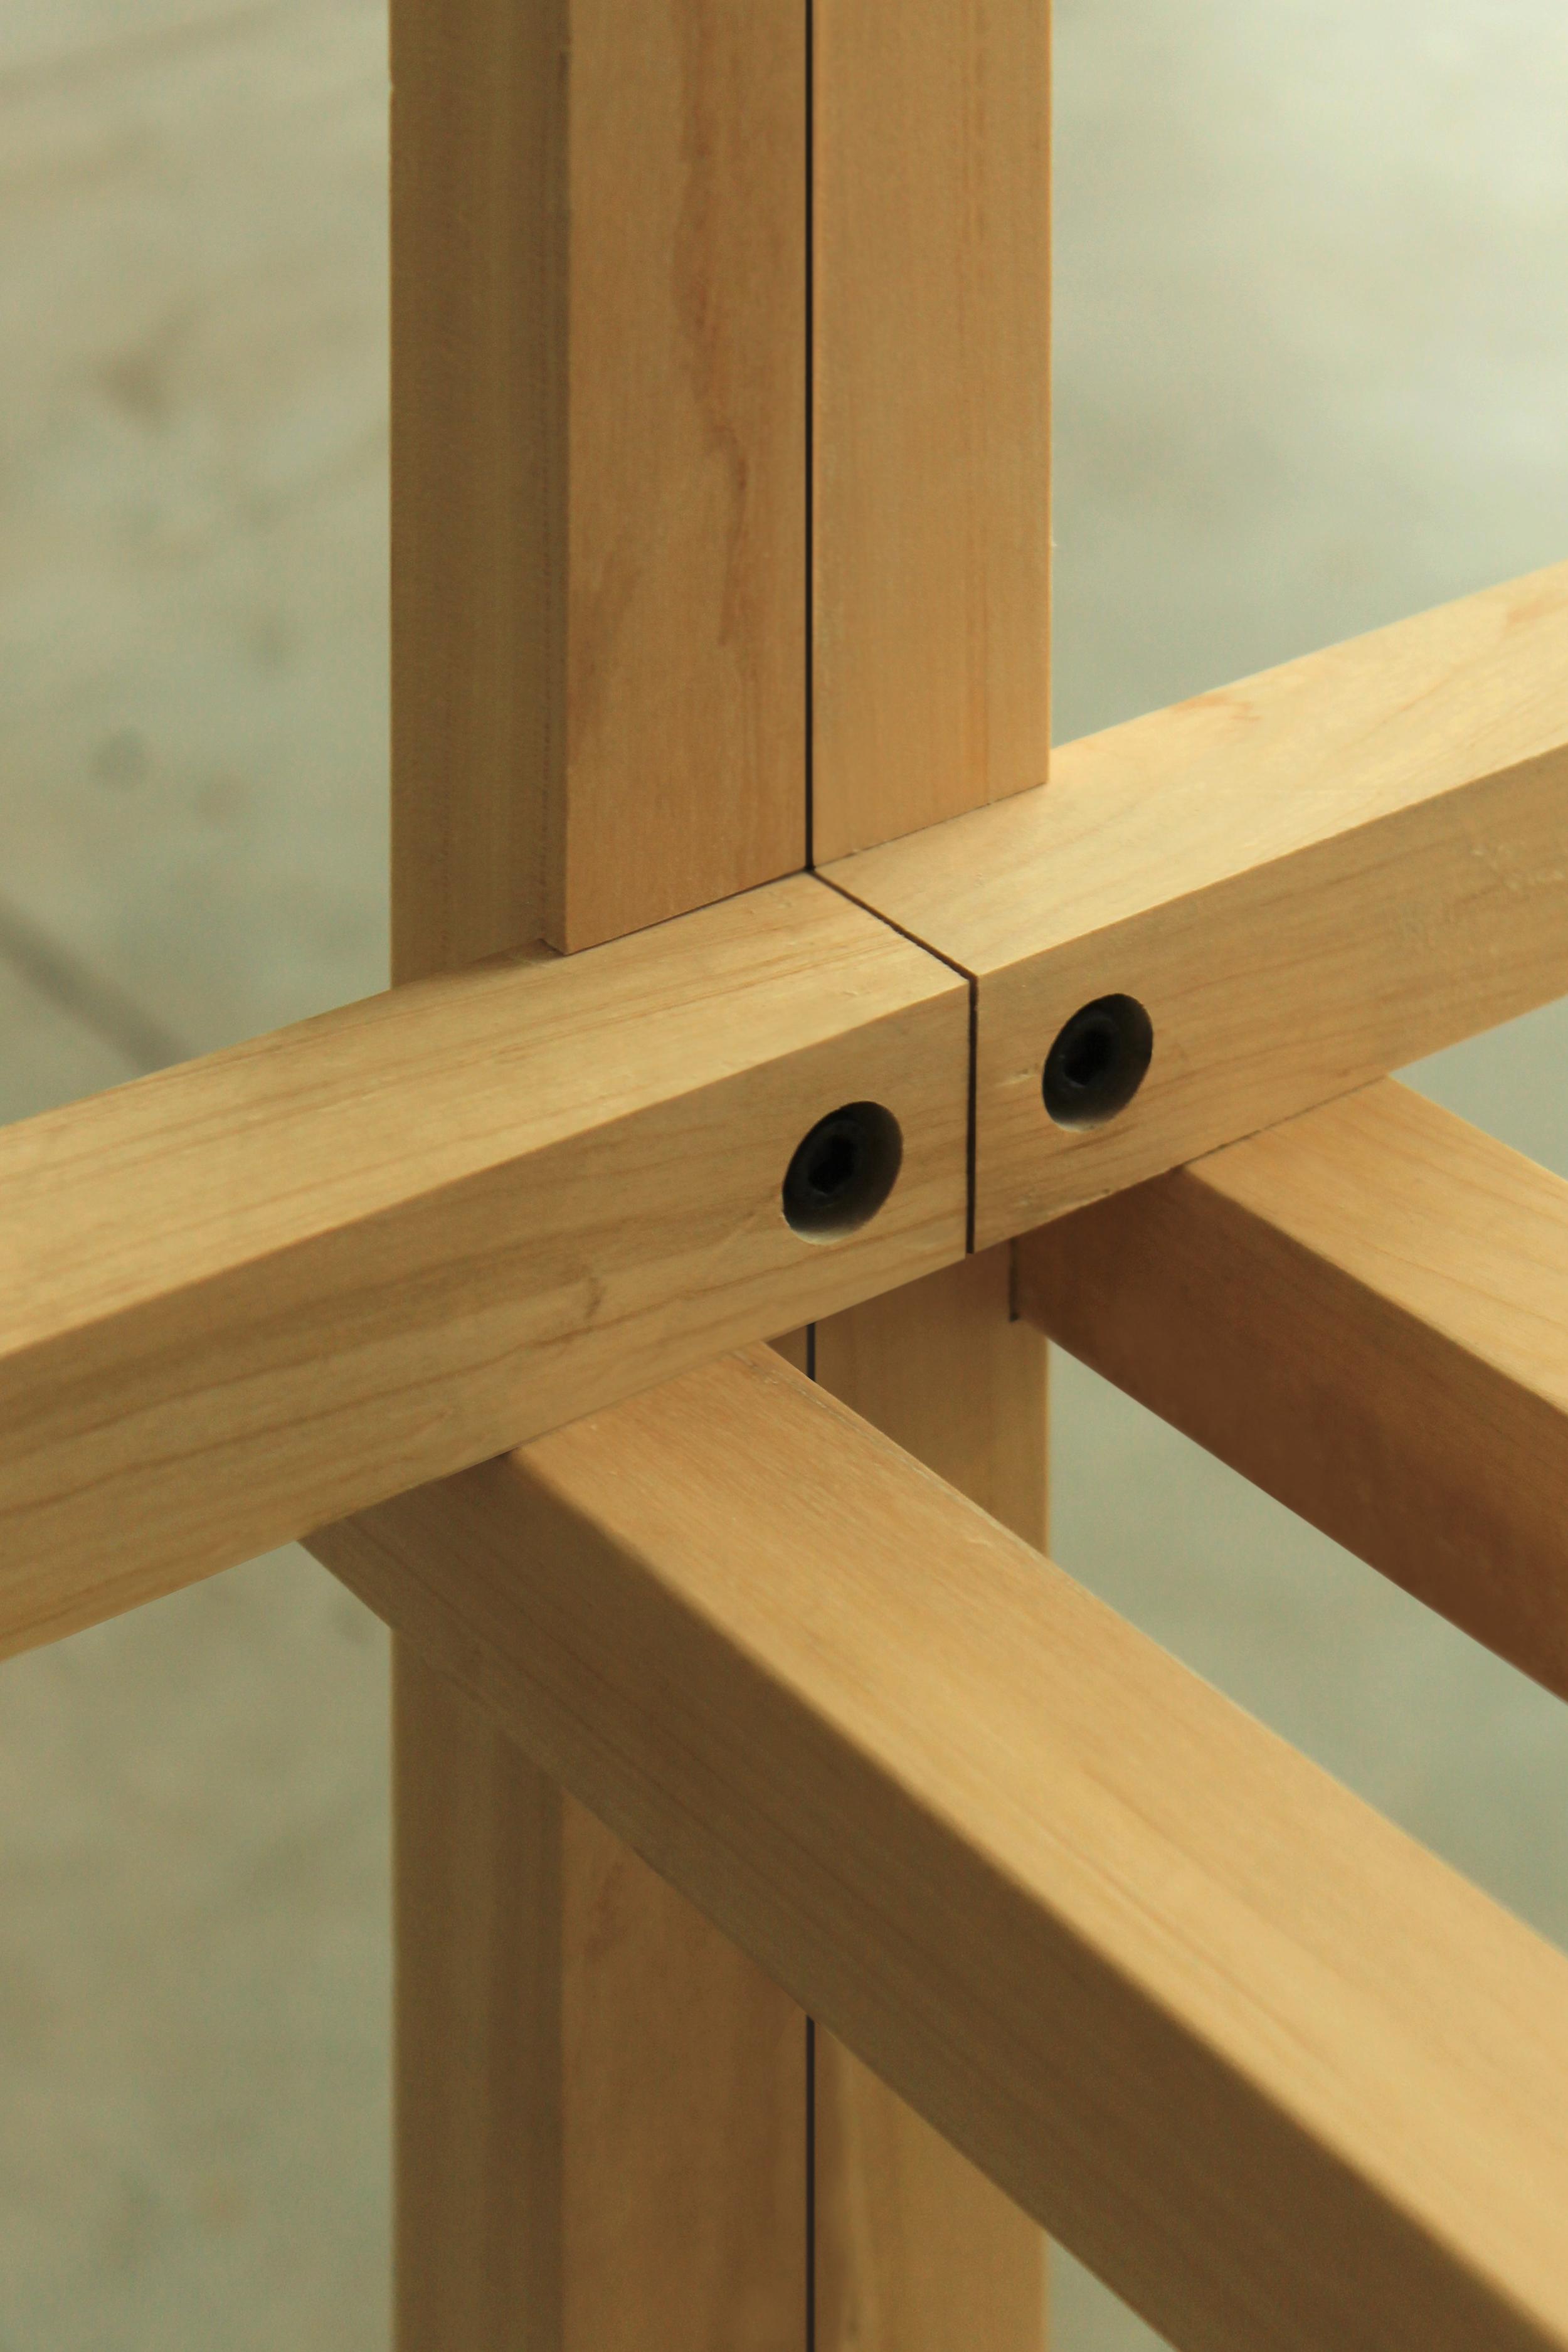 EM450 | EM900 | EM1800   Estructura de madera maciza de guatambú. Sistema de ensamble.  Valores: - 450 x 600 x 350  $3450.- + I.V.A.  - 900 x 600 x 350  $3950.- + I.V.A.  - 1800 x 600 x 350  $4680.- + I.V.A.   Material de tabla: chapa2mm